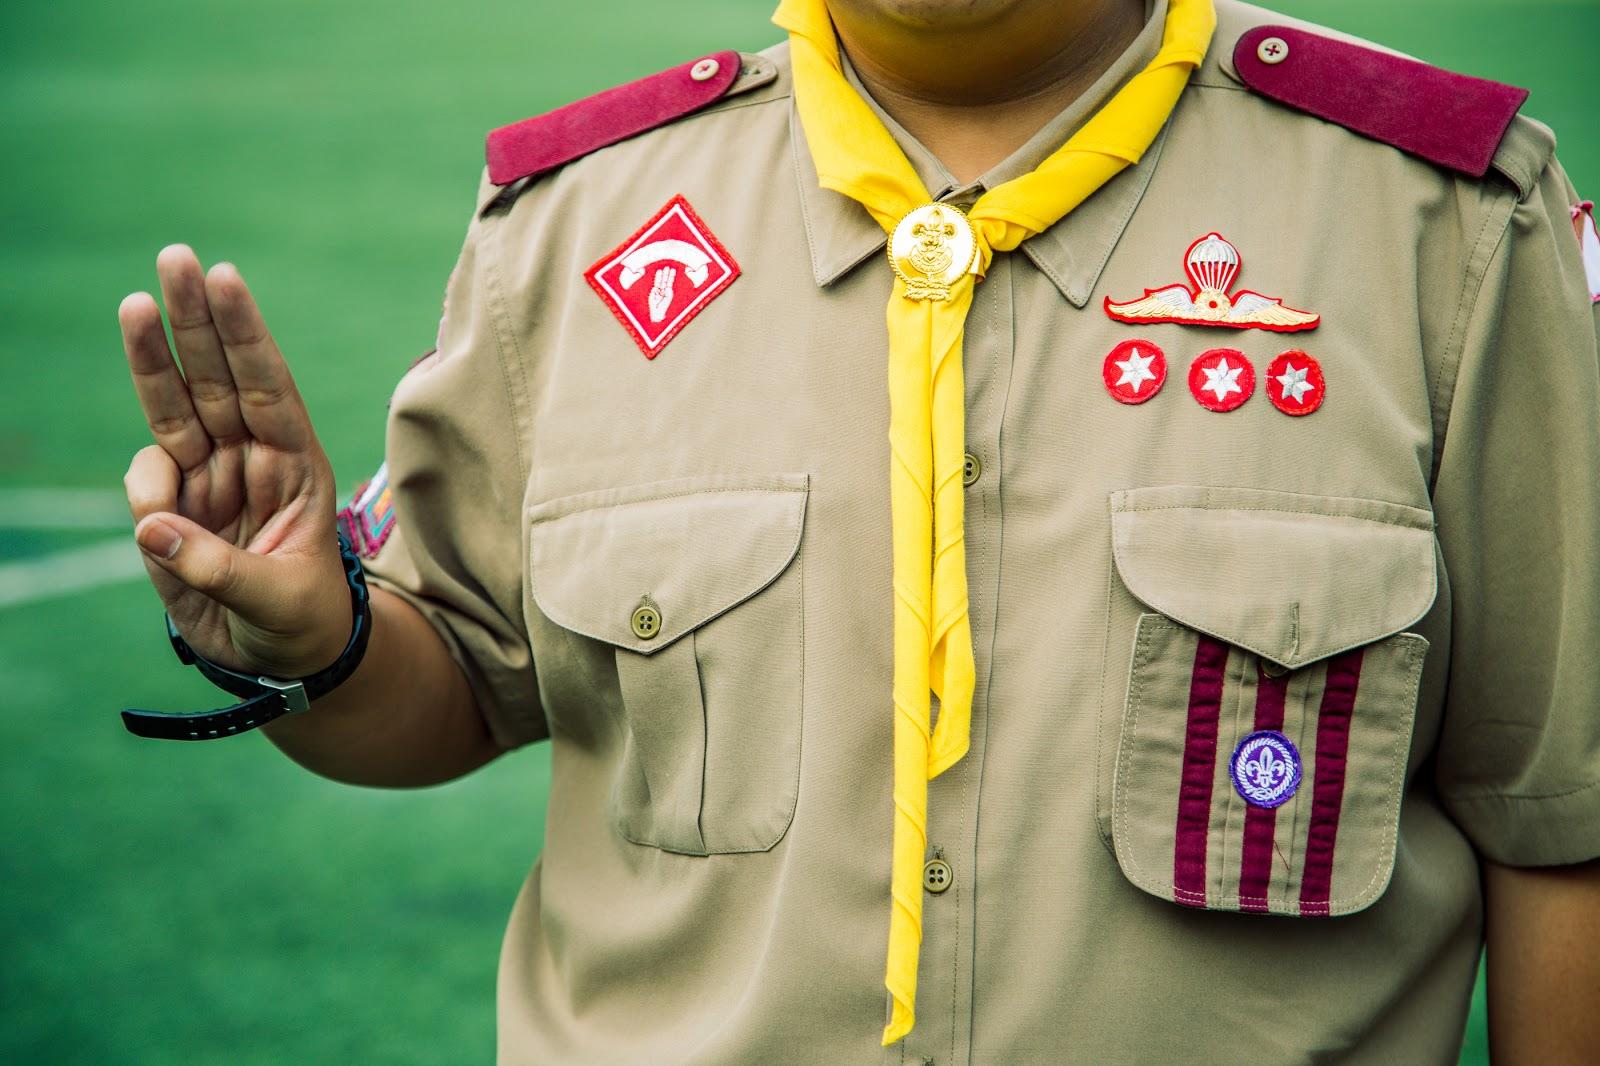 Boy-Scouts-Oath